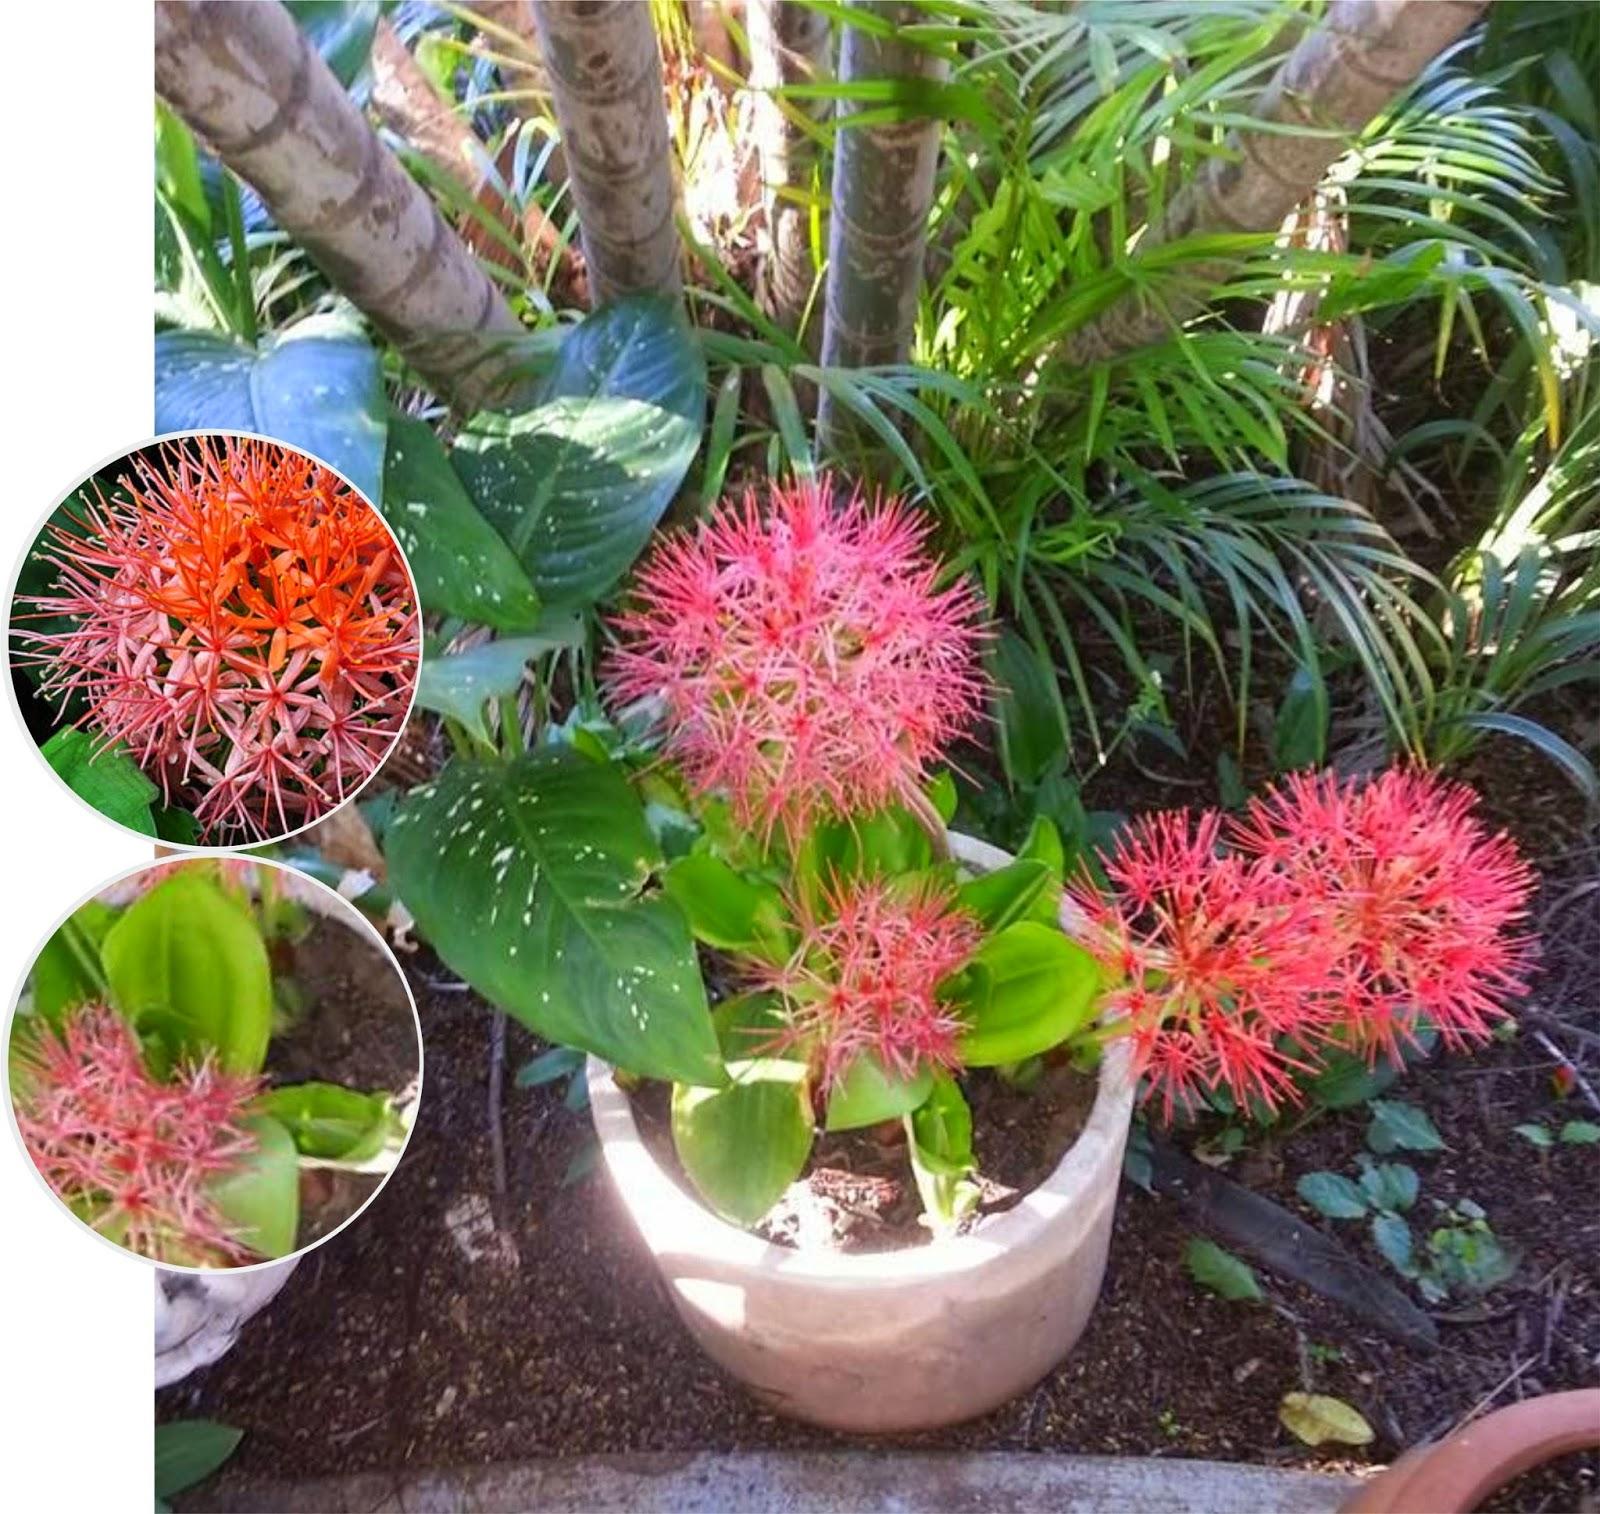 V e r d e c h a c o bola de fuego alfiletero flor de for Arbol de fuego jardin